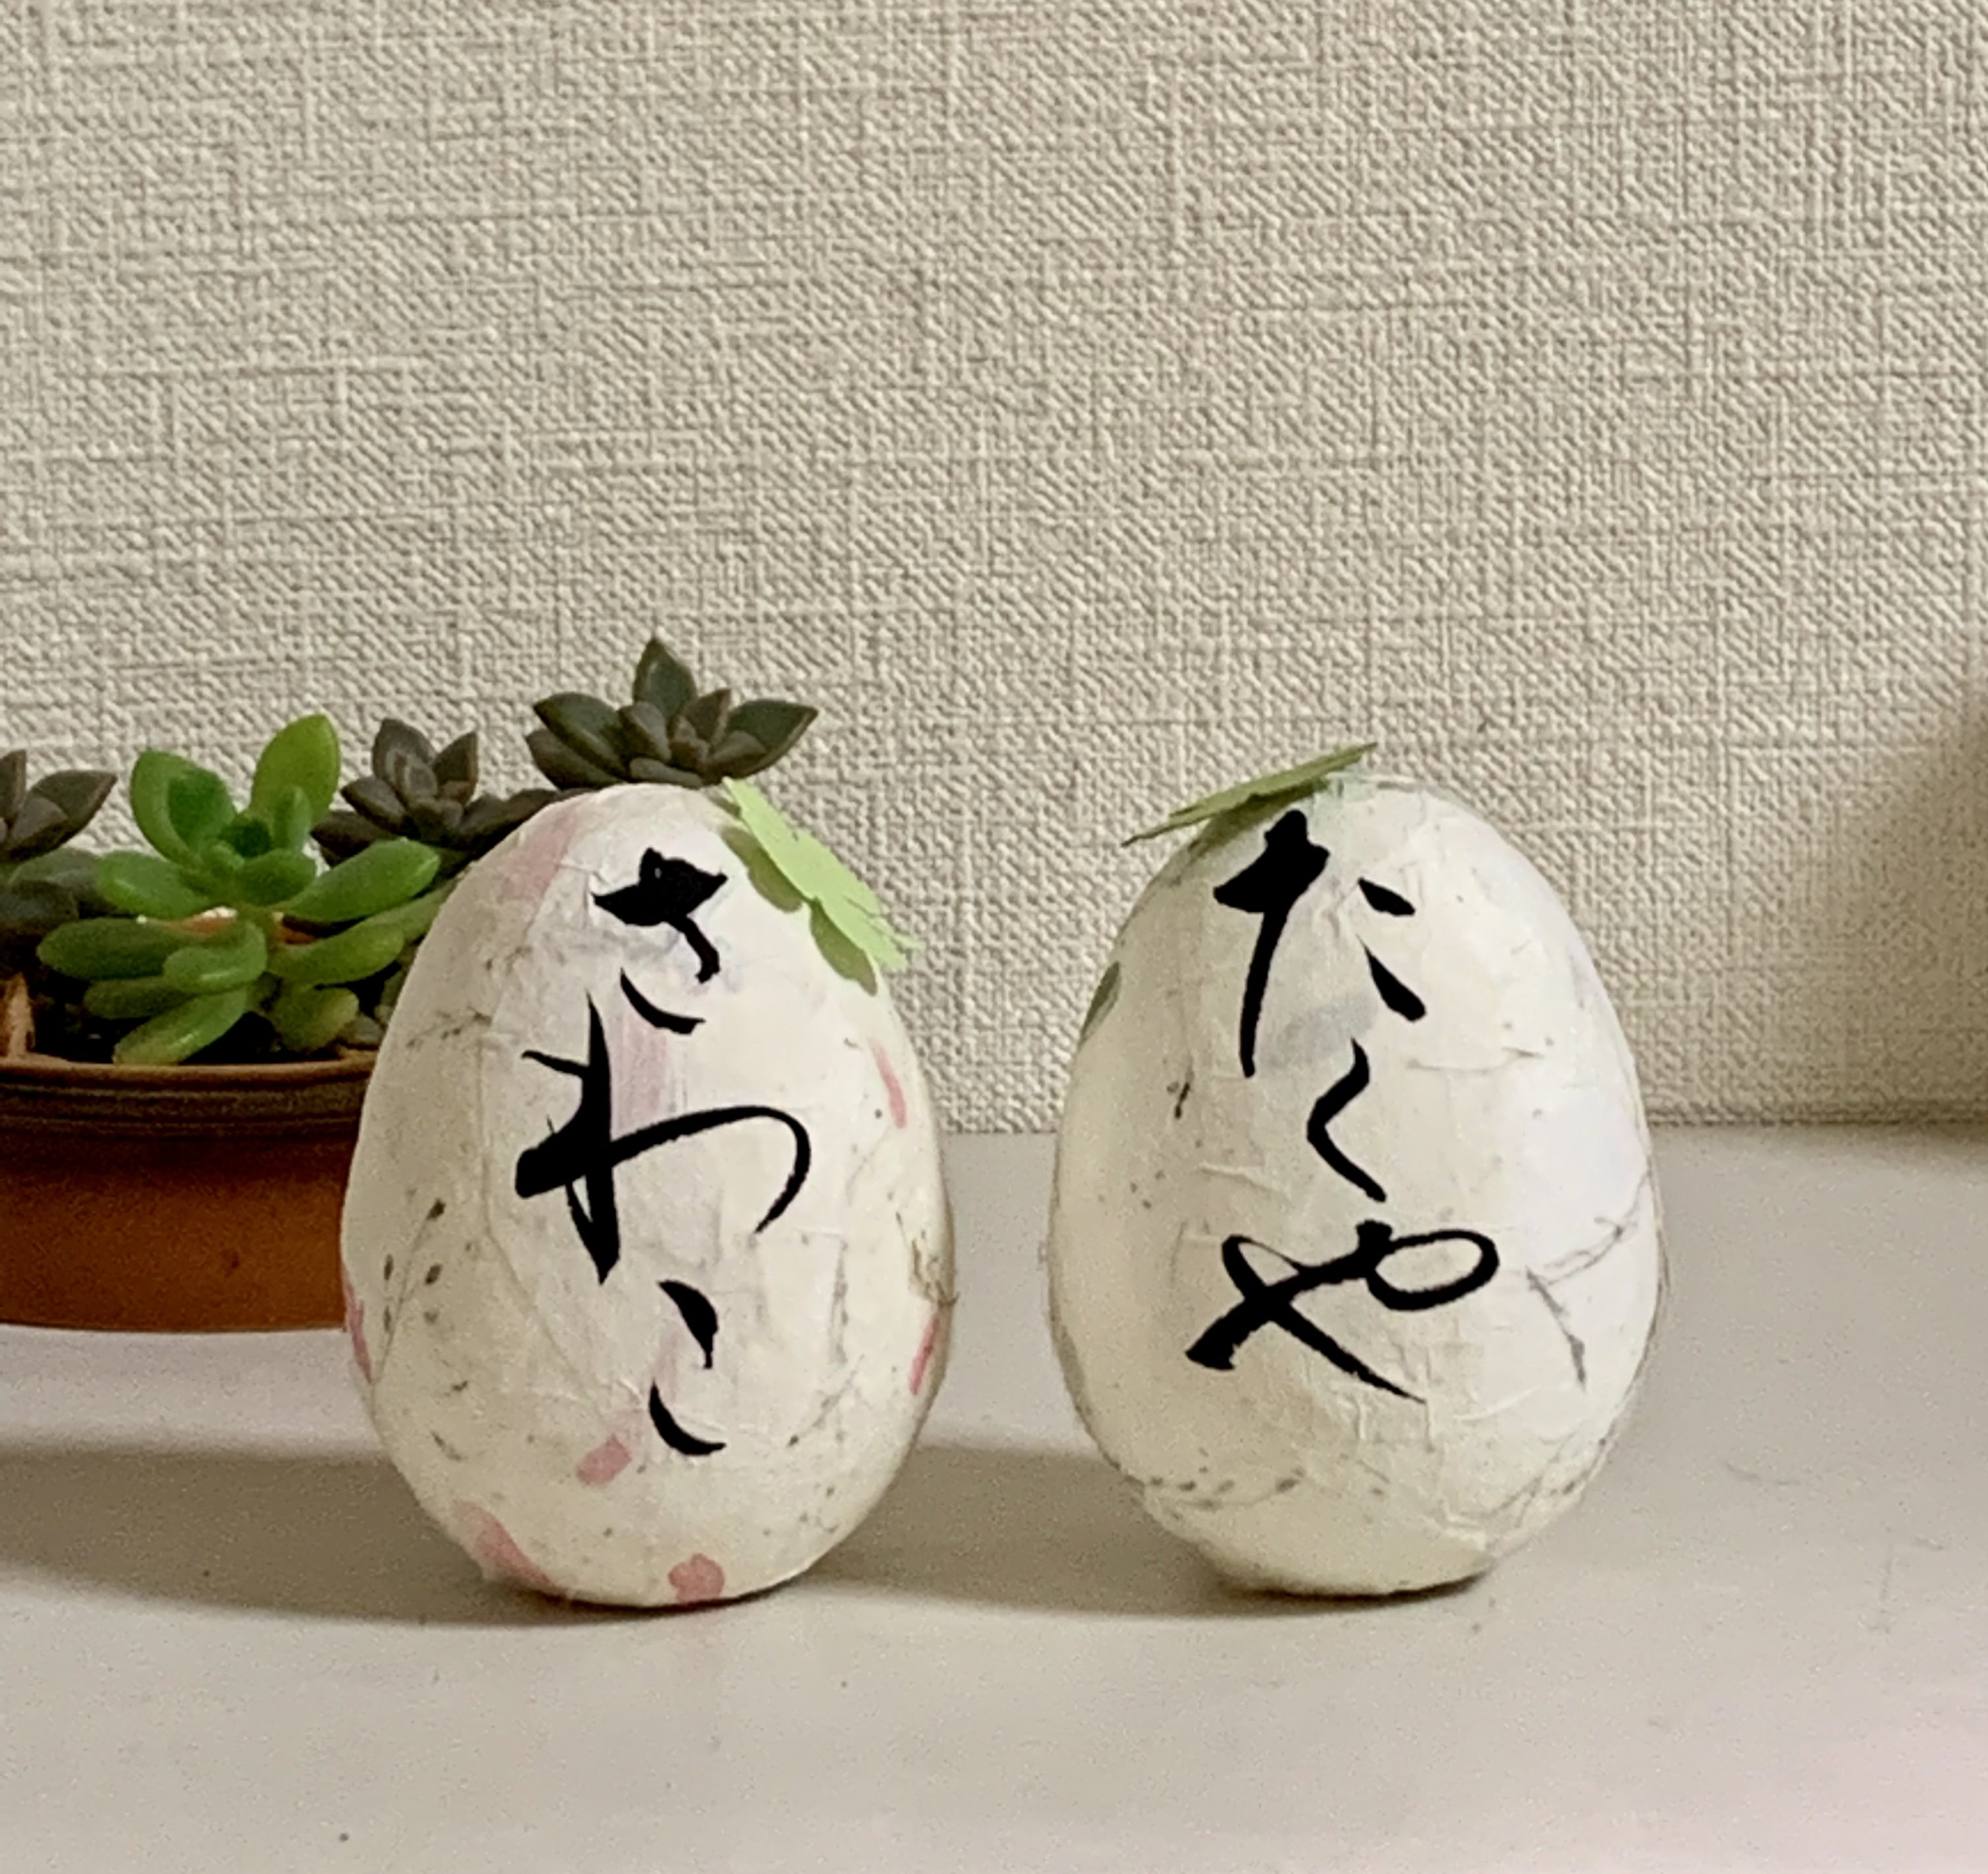 ウエディング オリジナルギフト コロコロかわいい「ウエディングエッグ」卵サイズ身長7cm、重さ1個44〜45gのイメージその2